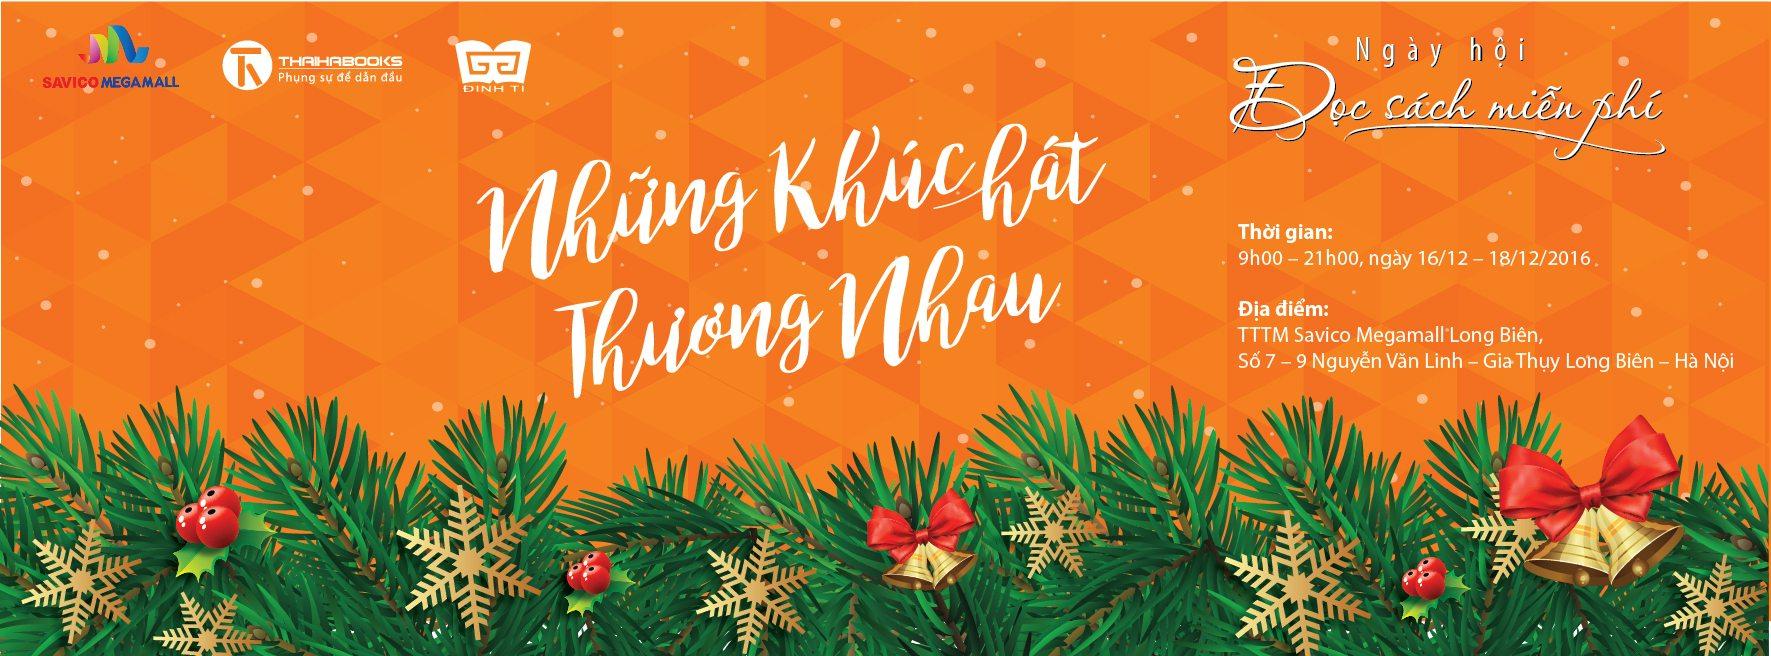 16/12 – 18/12, Ngày hội đọc sách miễn phí tại Savico Megamall Long Biên